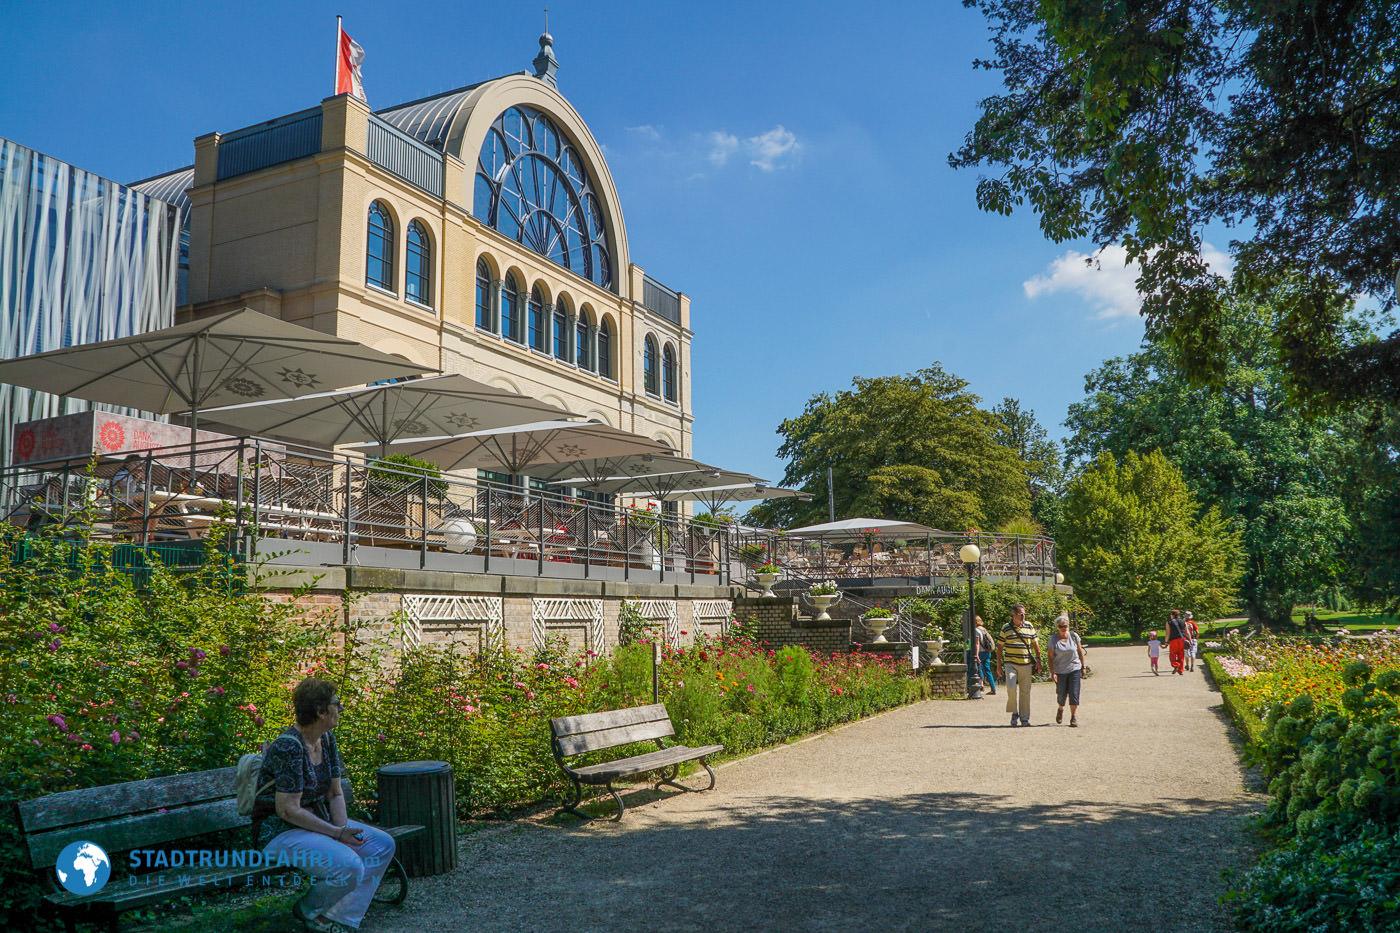 Stadtrundfahrt In Köln Open Air Die Stadt Entdecken